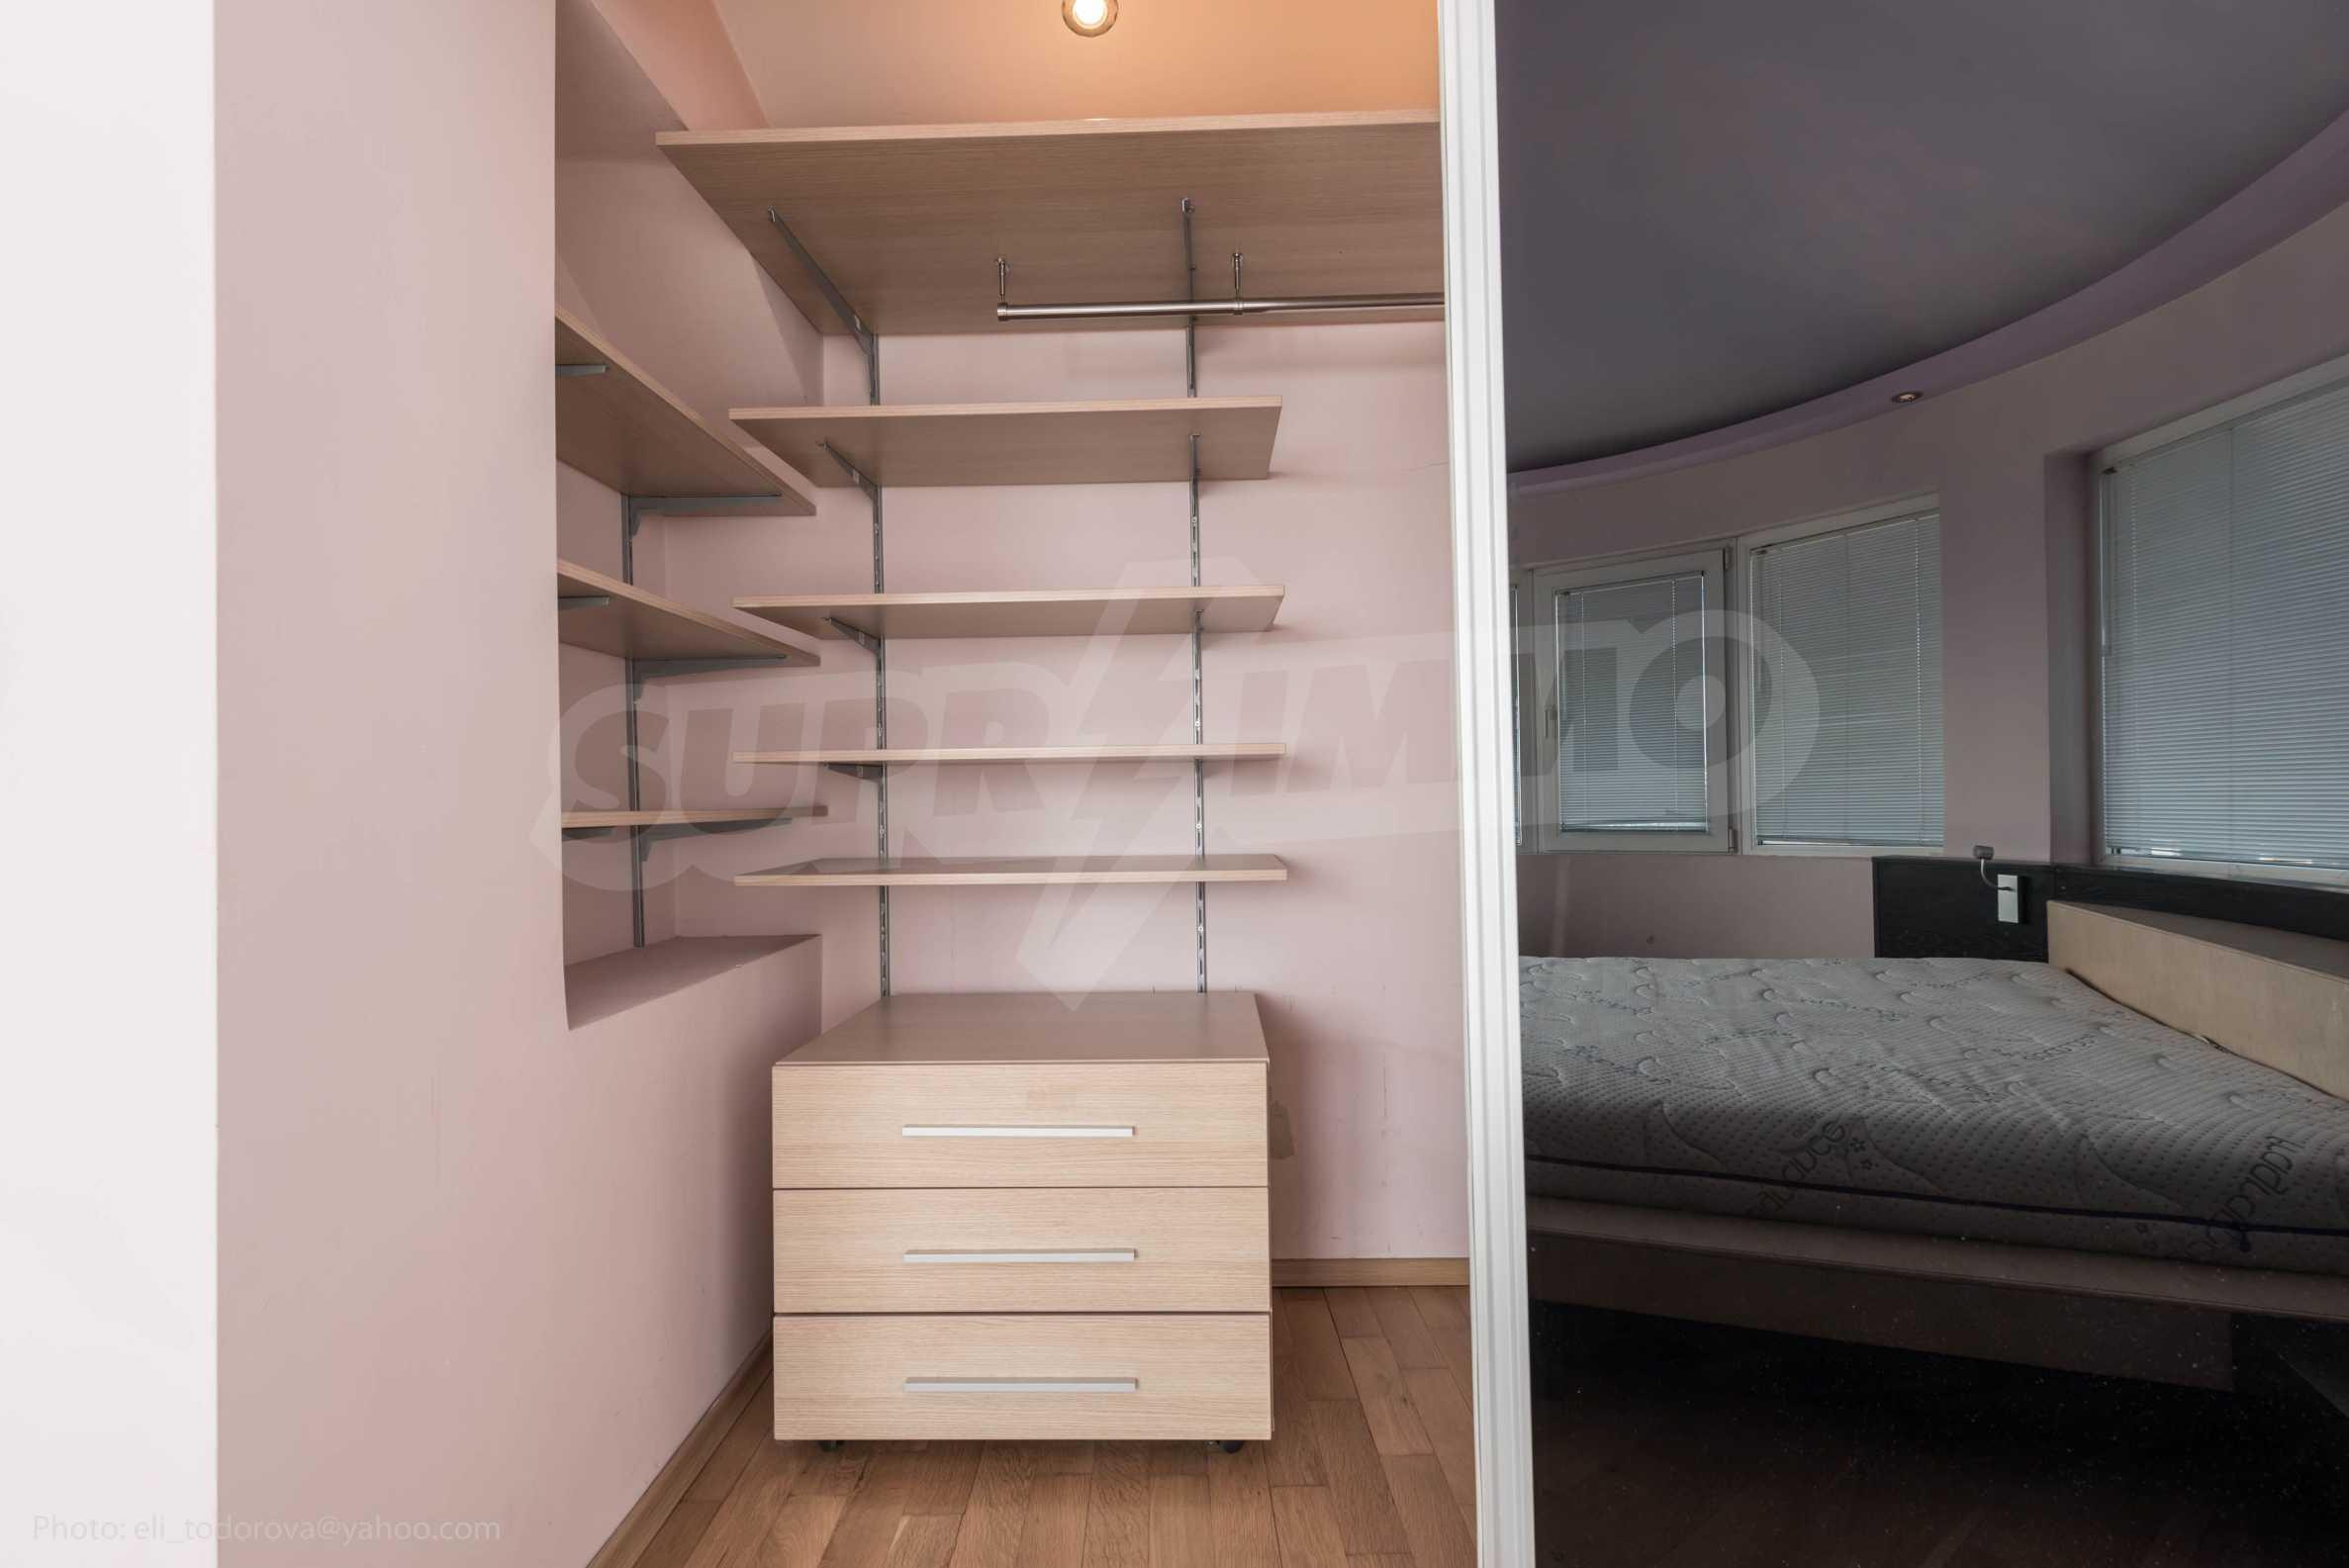 Квартира «Миша» - отличная трехкомнатная недвижимость в идеальном центре. 21